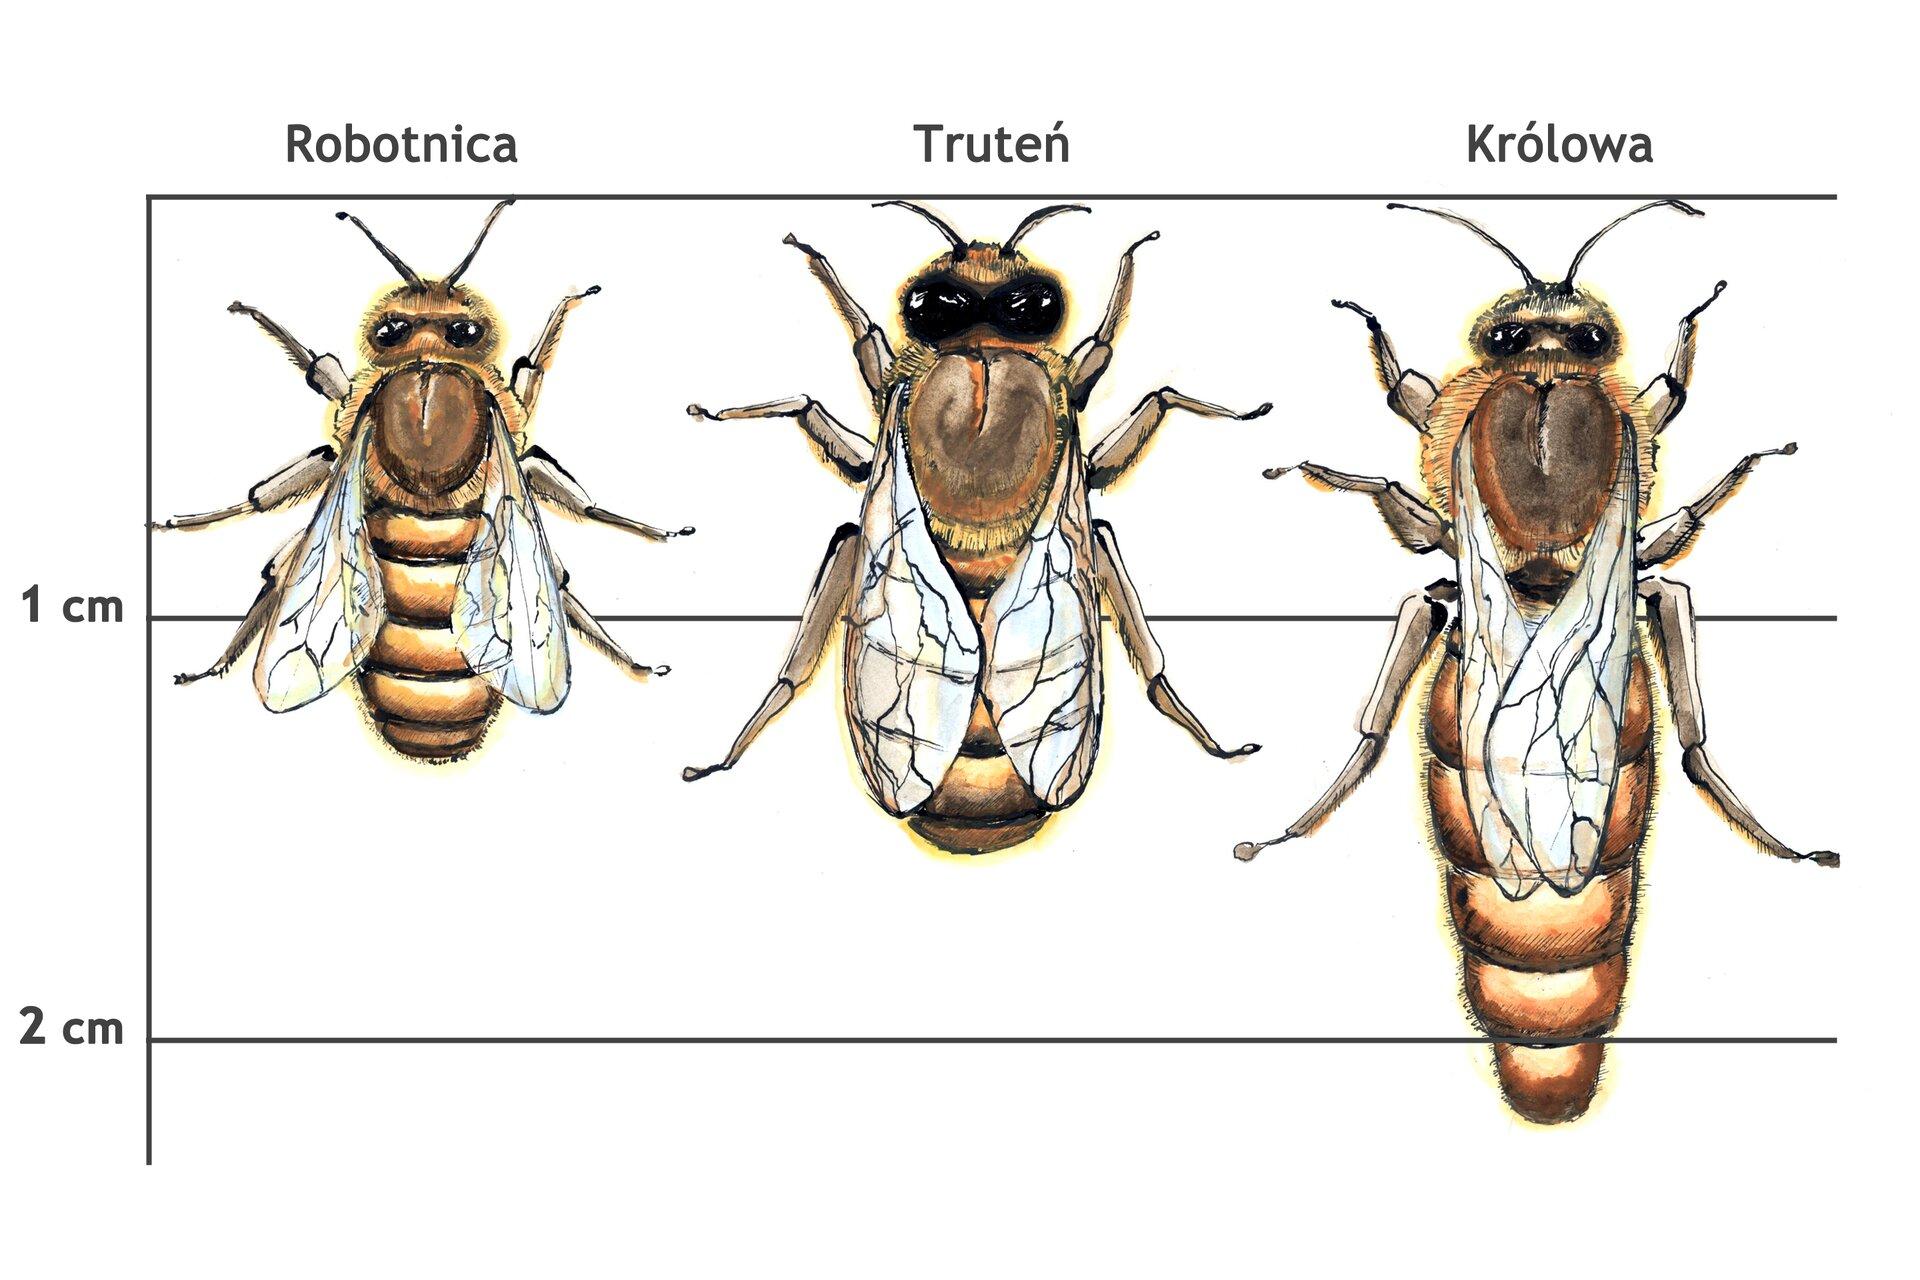 Rysunek trzech pszczół. Robotnica ma długość jeden ijedna trzecia centymetra, truteń ma długość jeden ijedna druga centymetra, królowa ma długość ponad 2 cm.